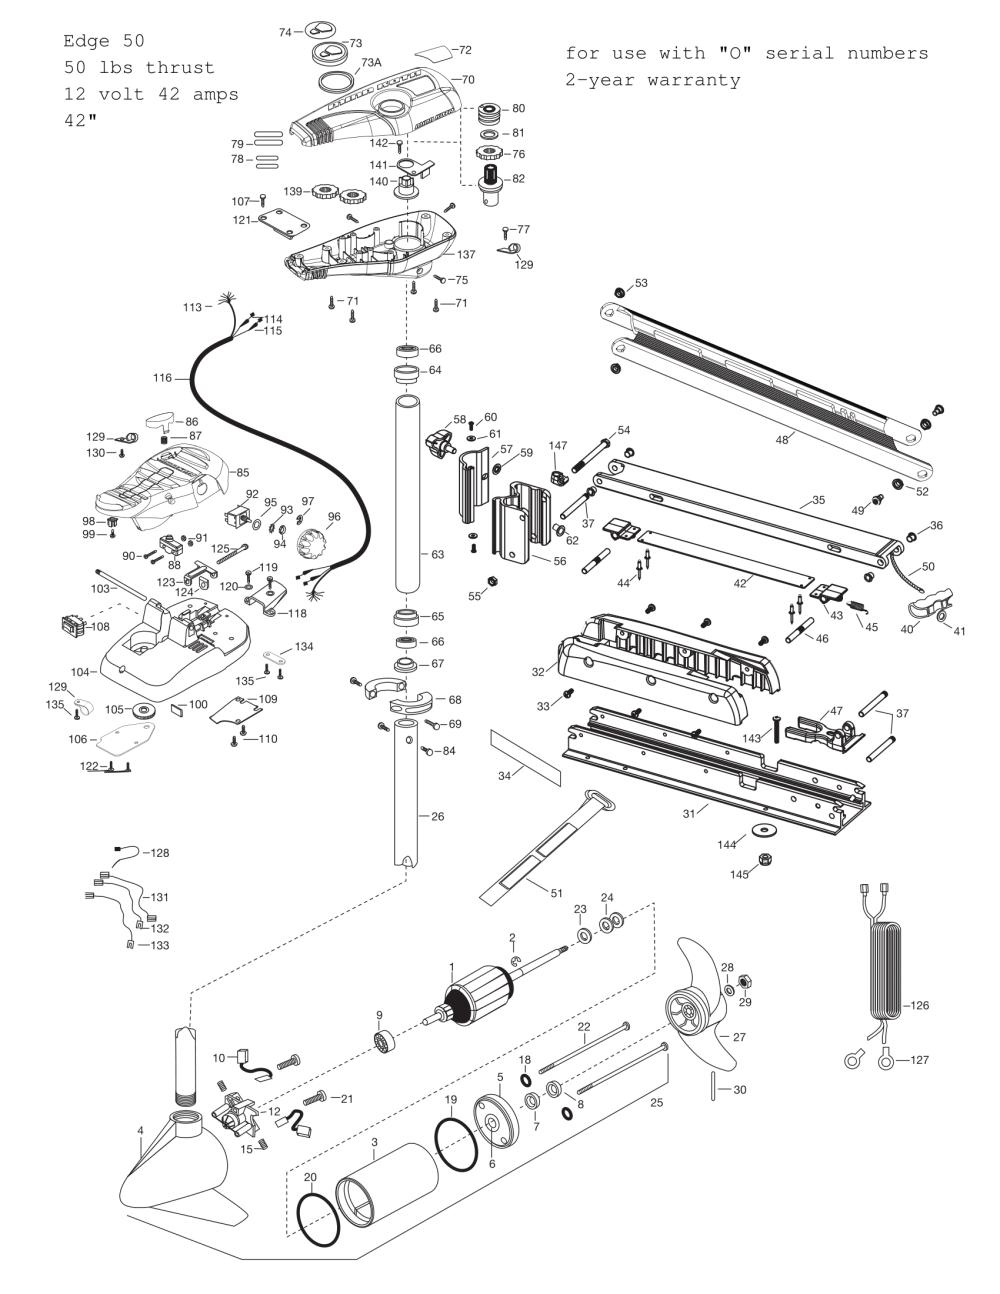 medium resolution of 12v tip wiring diagram wiring diagram repair guides 12v tip wiring diagram